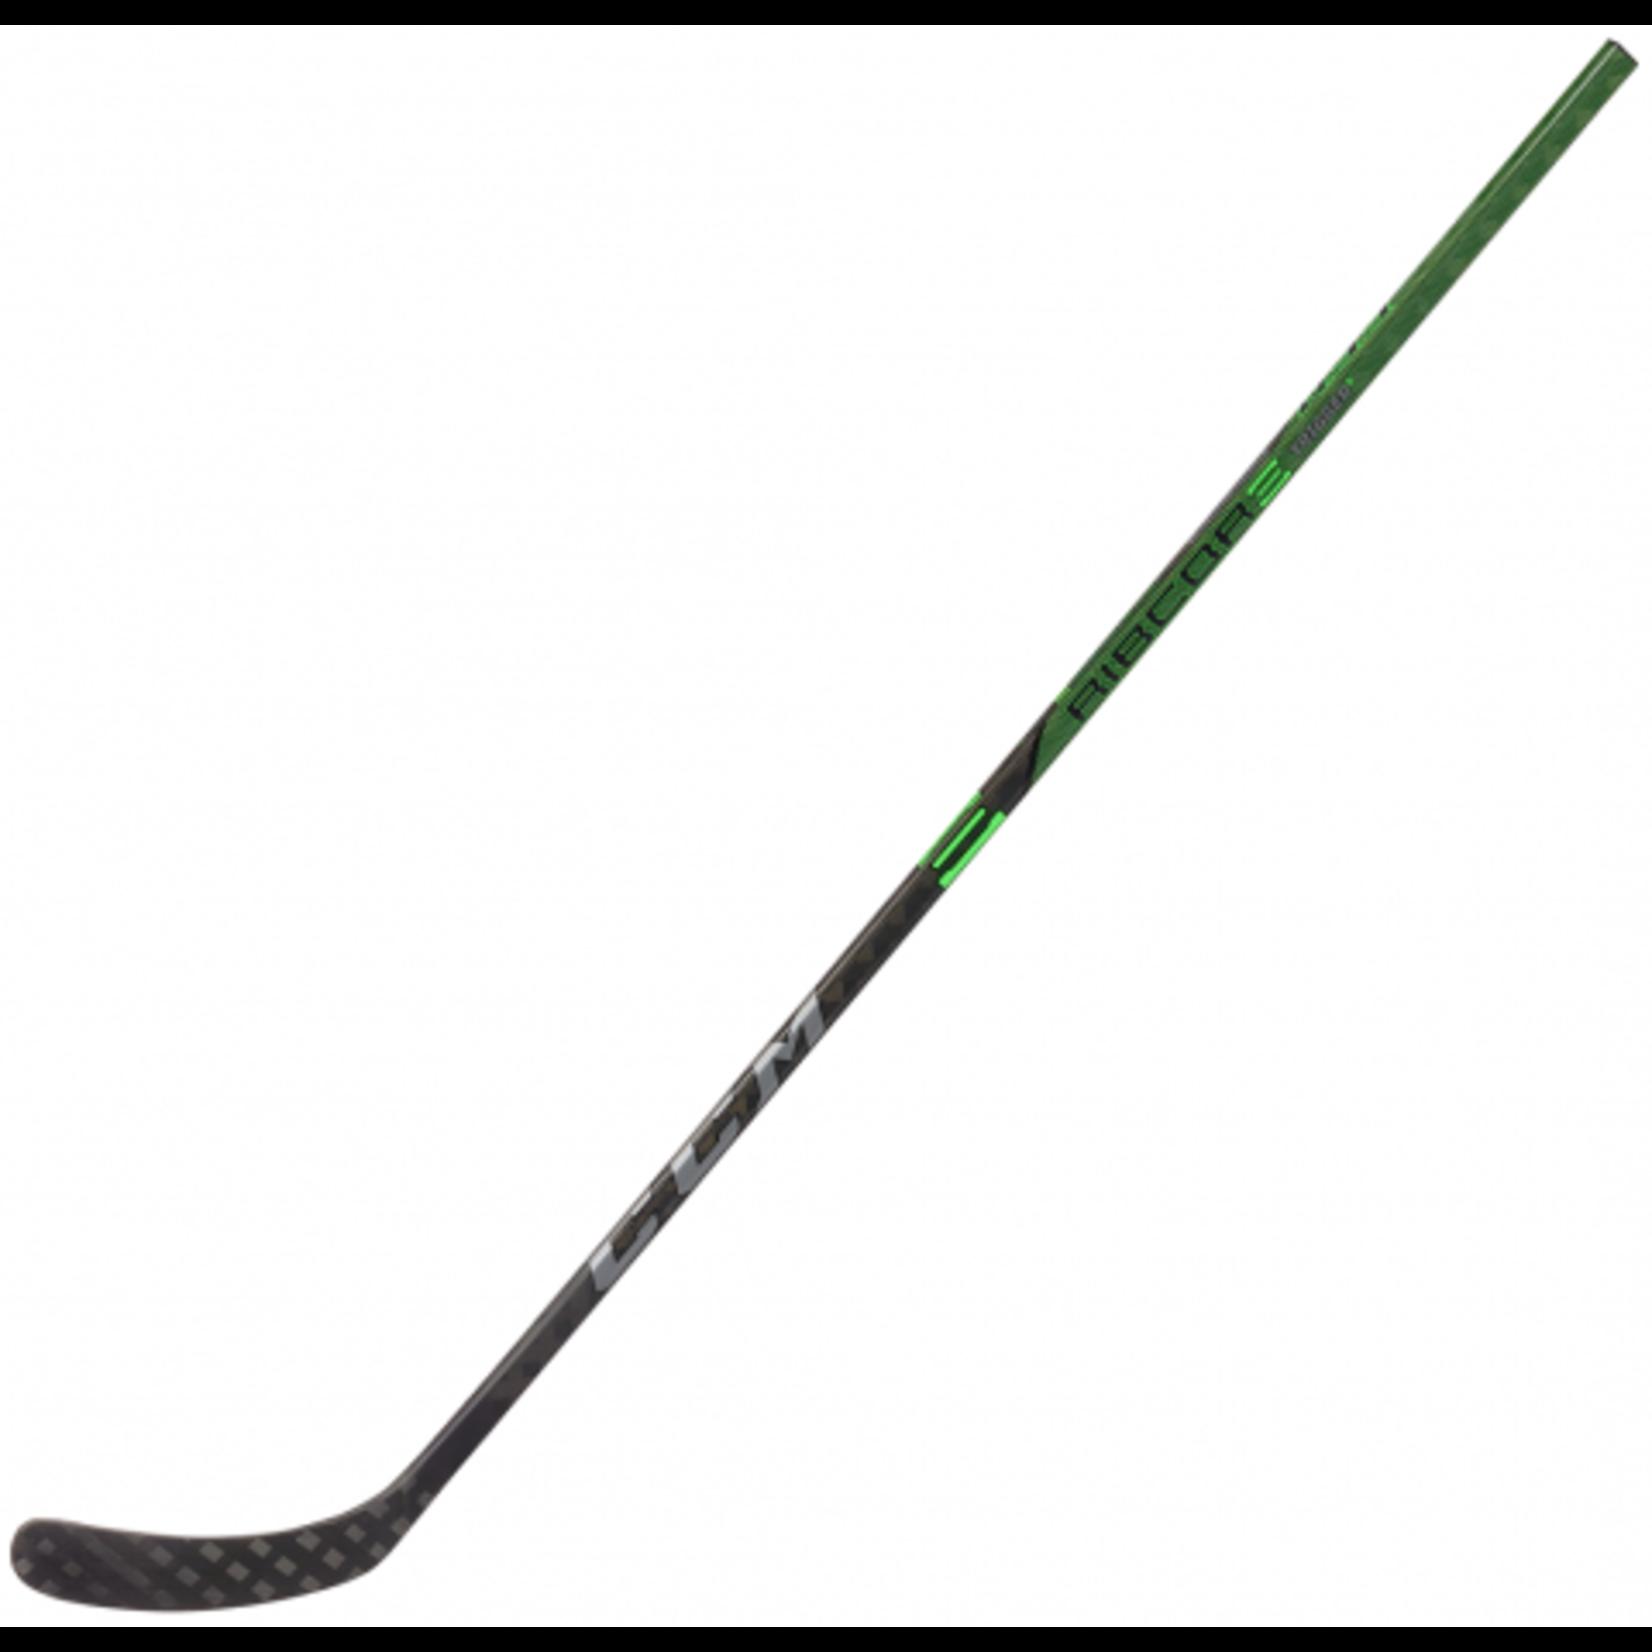 CCM CCM Hockey Stick, Ribcor Trigger 5, Senior, Grip